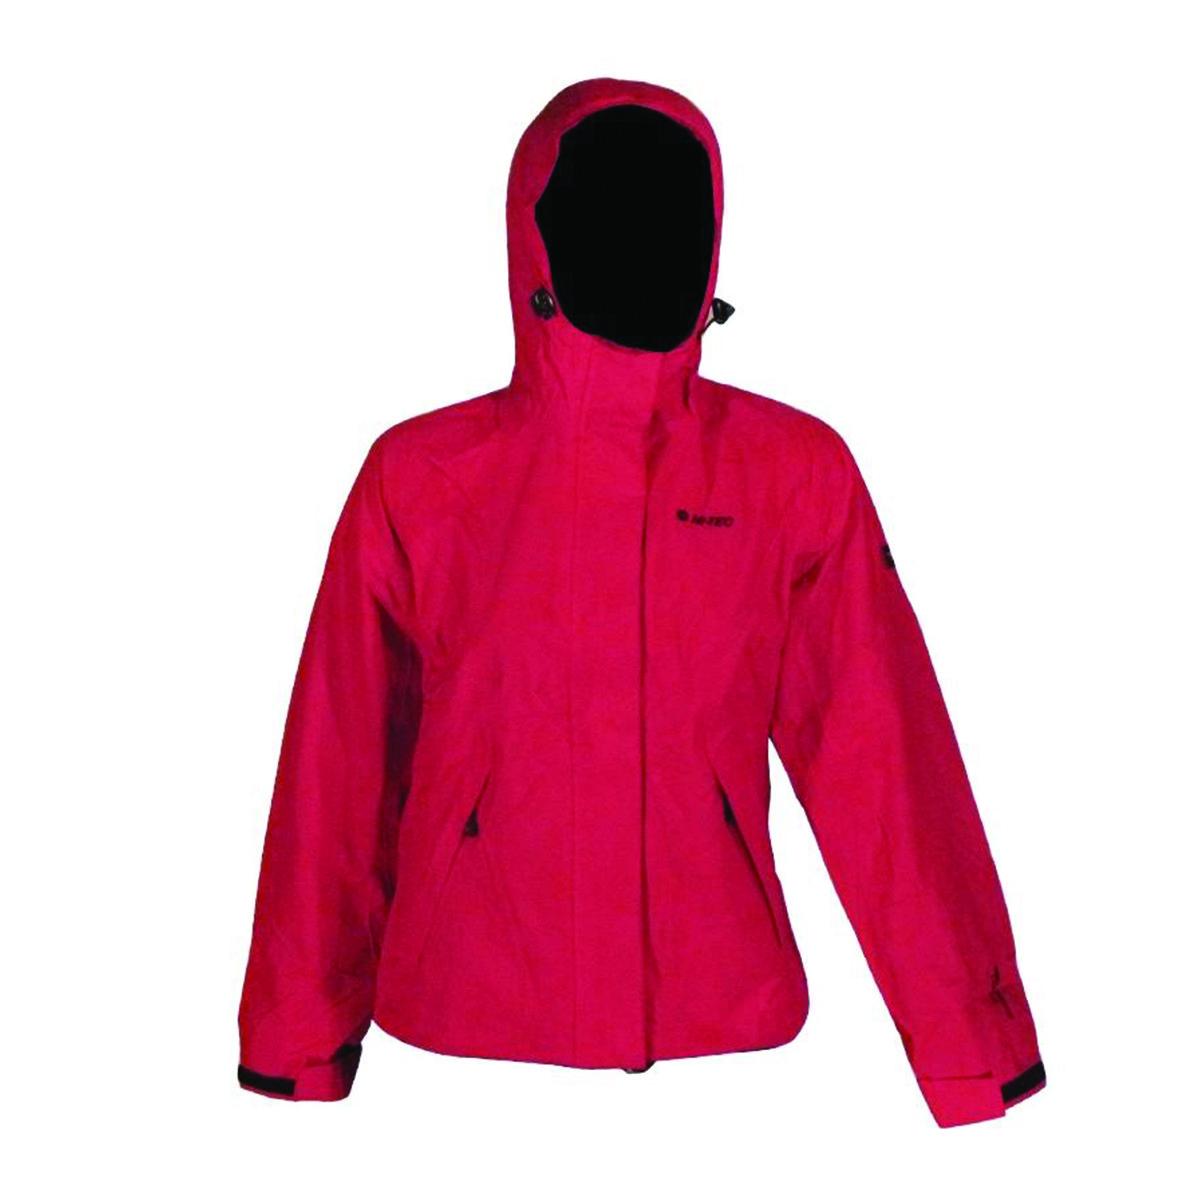 Демисезонная женская куртка Hi-Tec Lady Nera RED